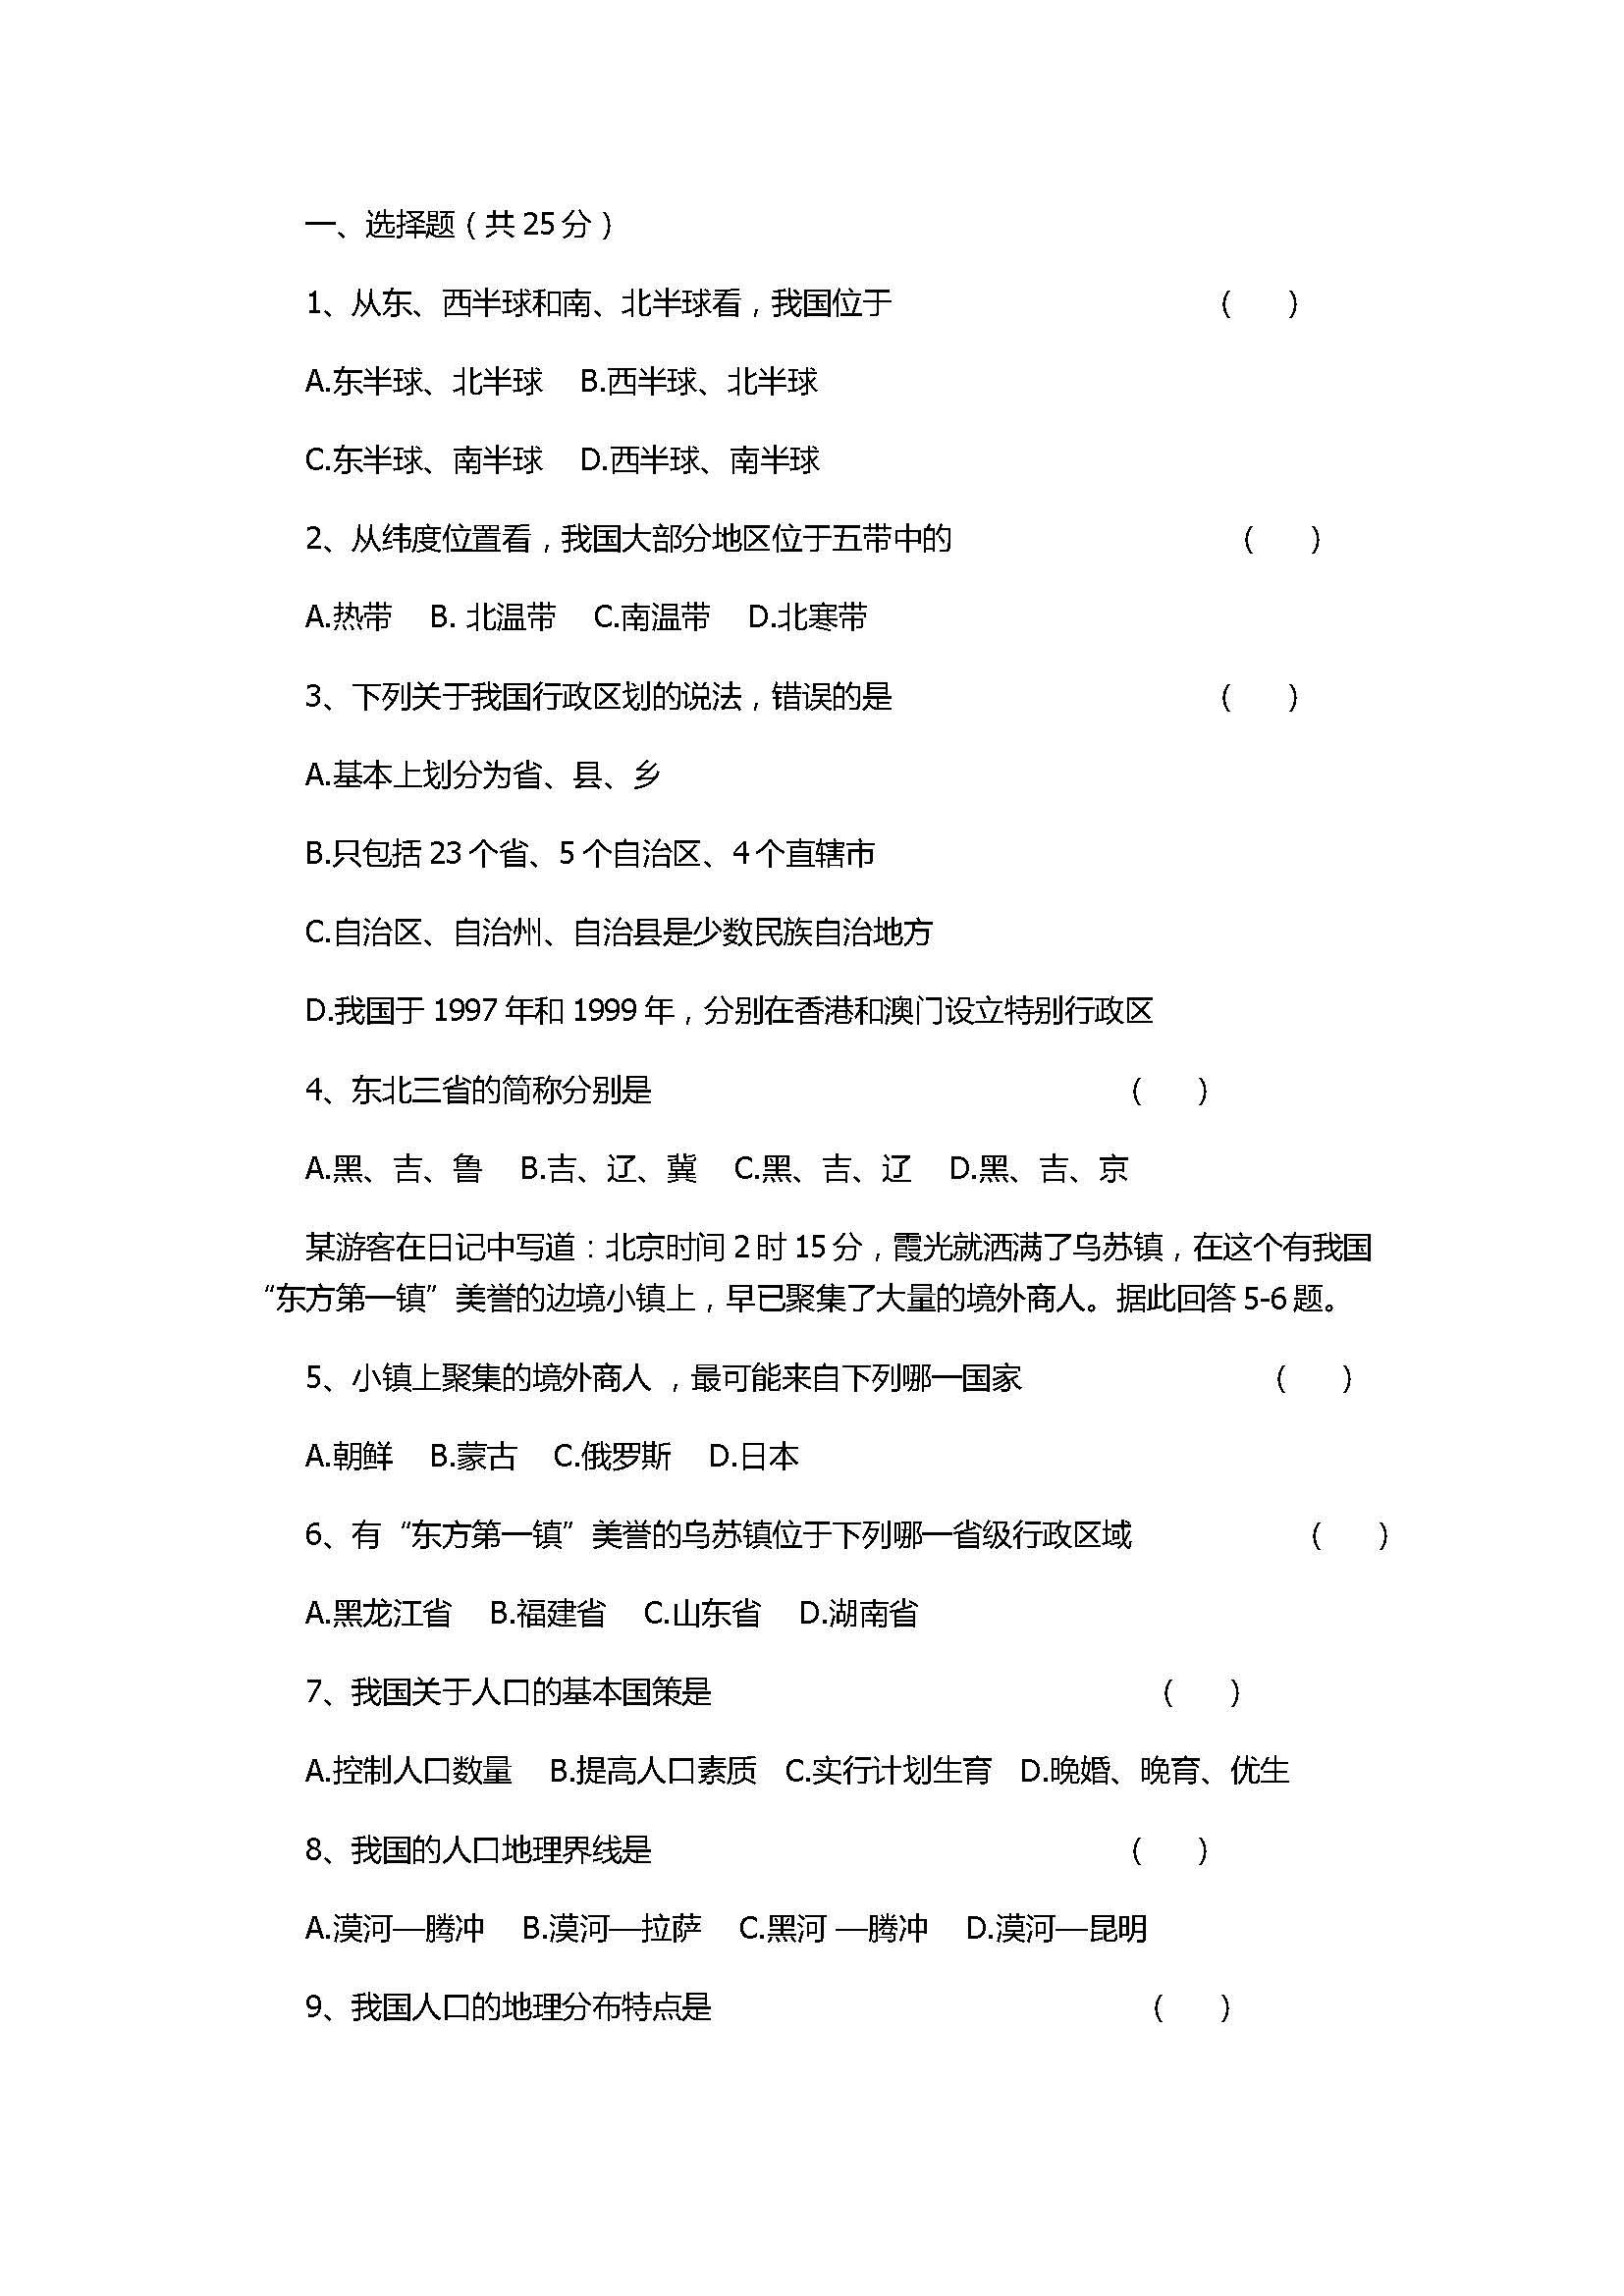 2017八年级地理上册文化素质监测试题带答案(农安县)